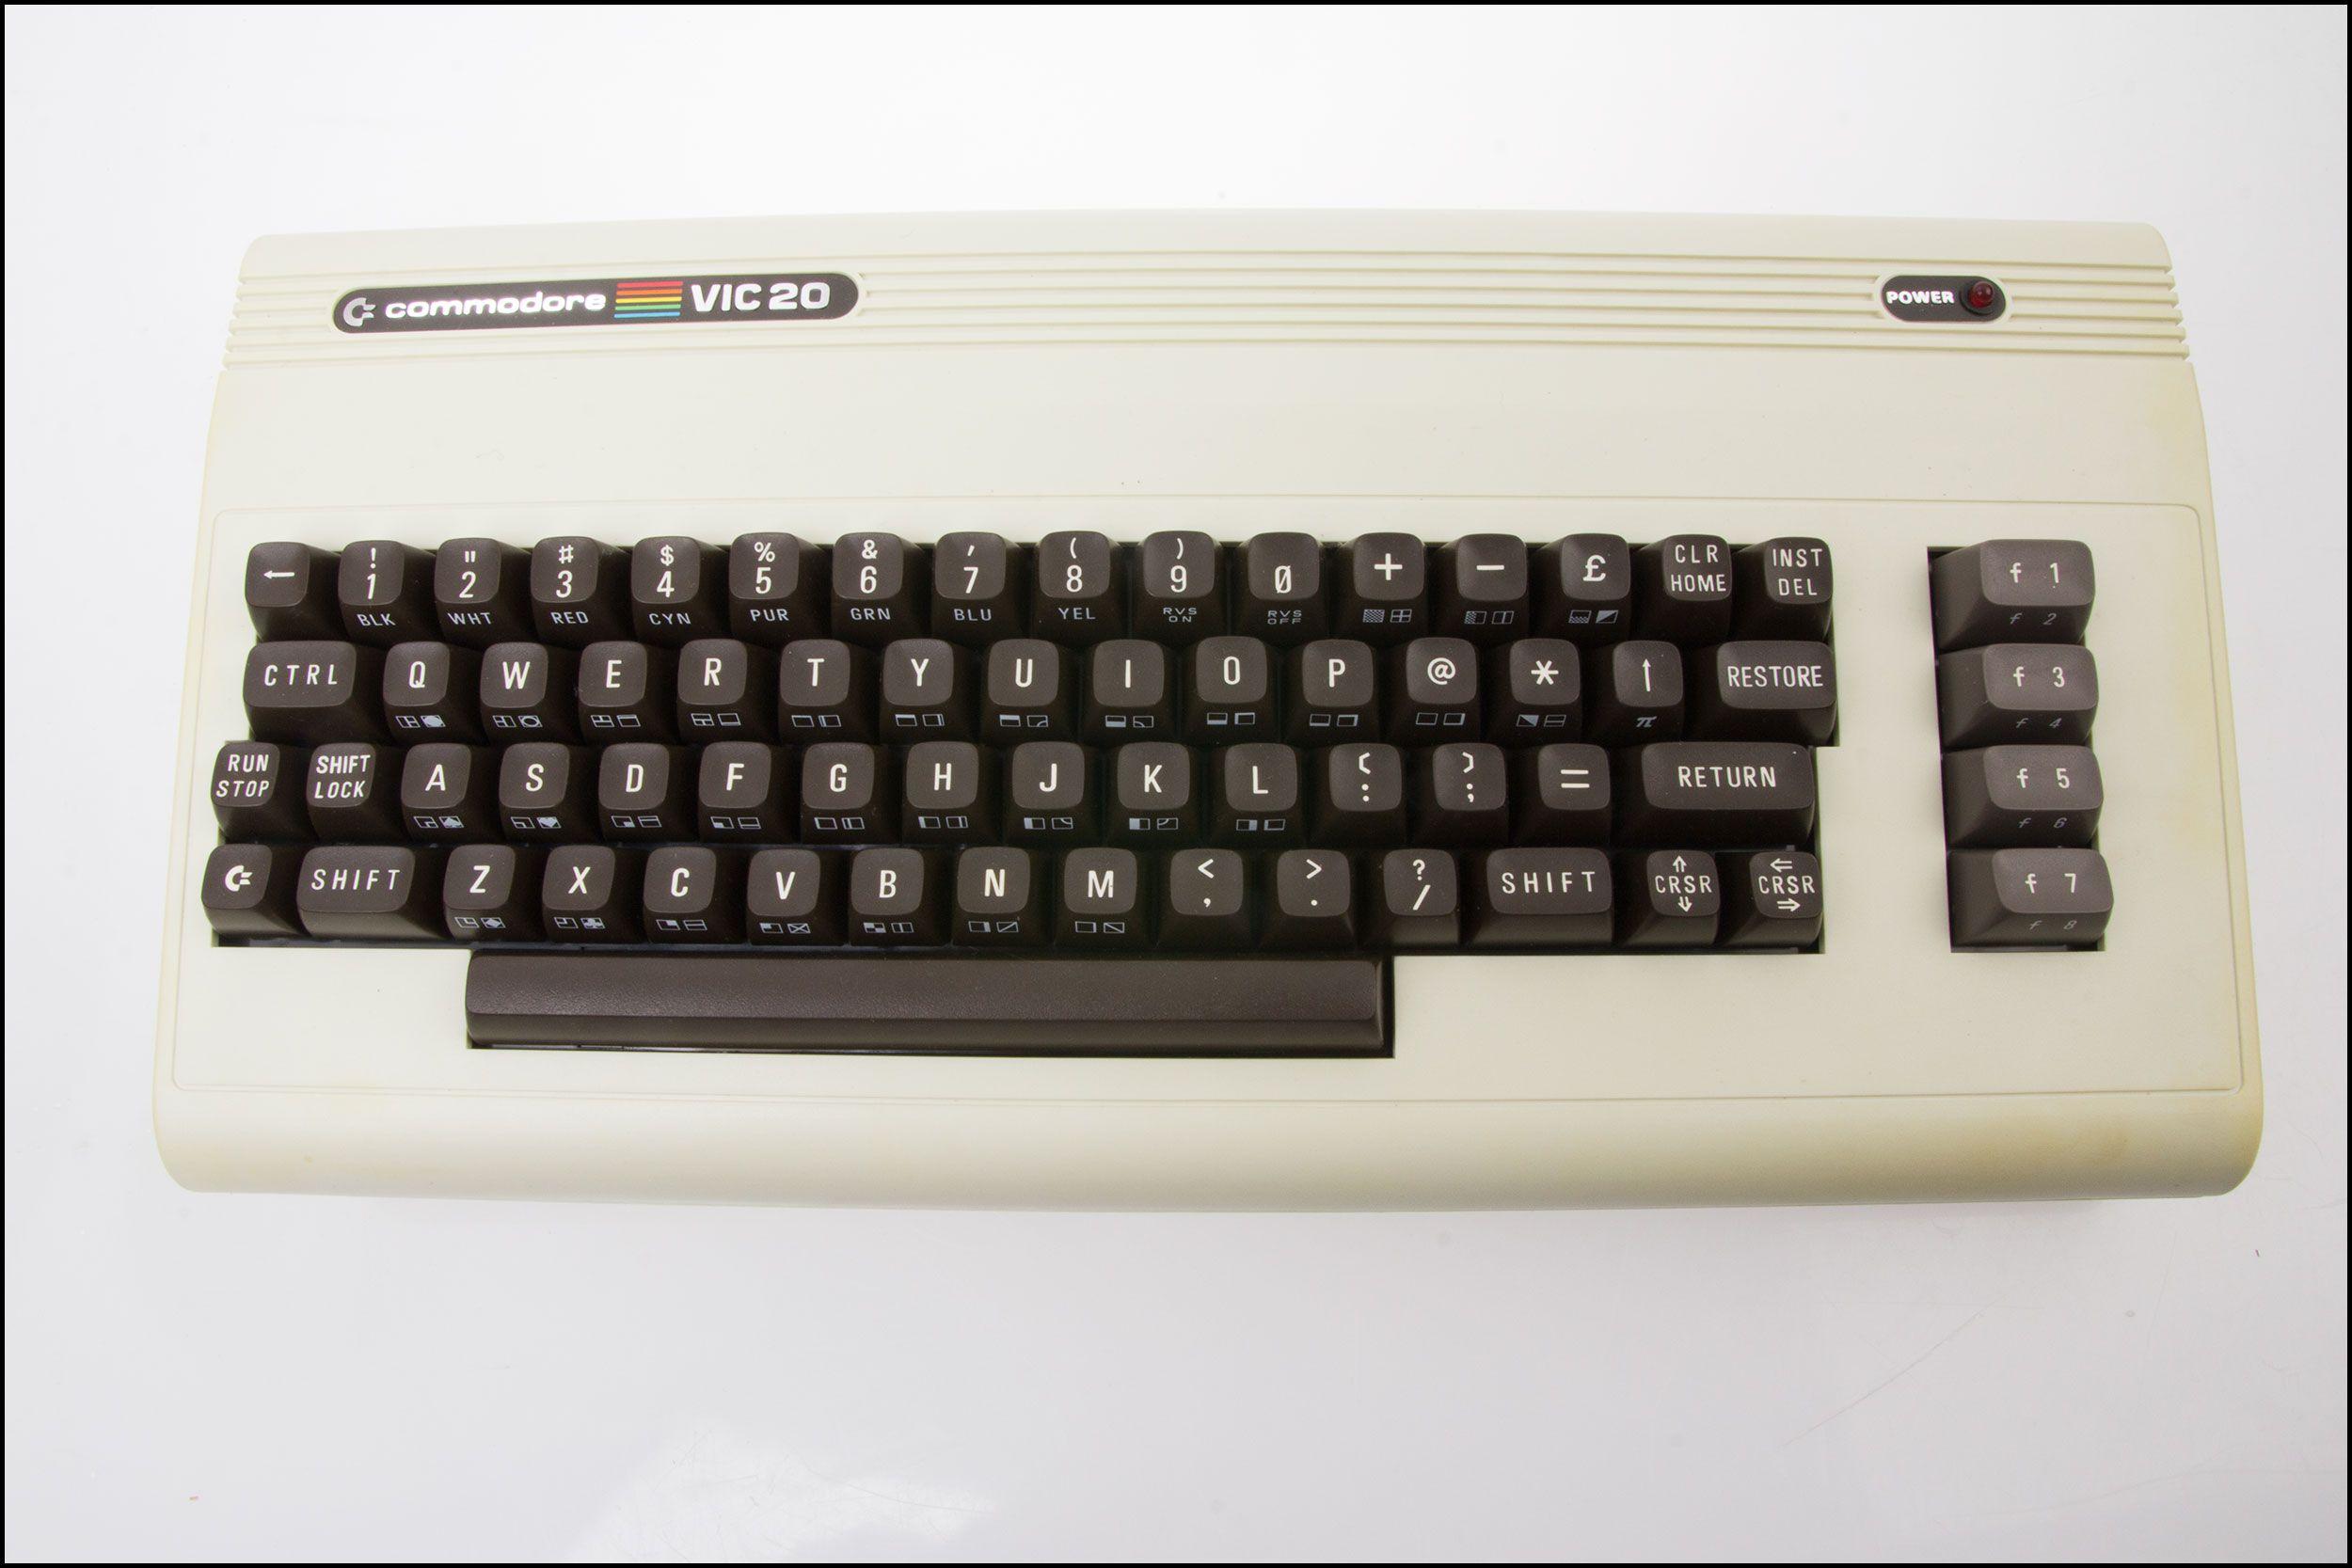 Tastaturet er mekanisk, og på toppen har du en rekke funksjonsknapper.Foto: Jørgen Elton Nilsen, Hardware.no